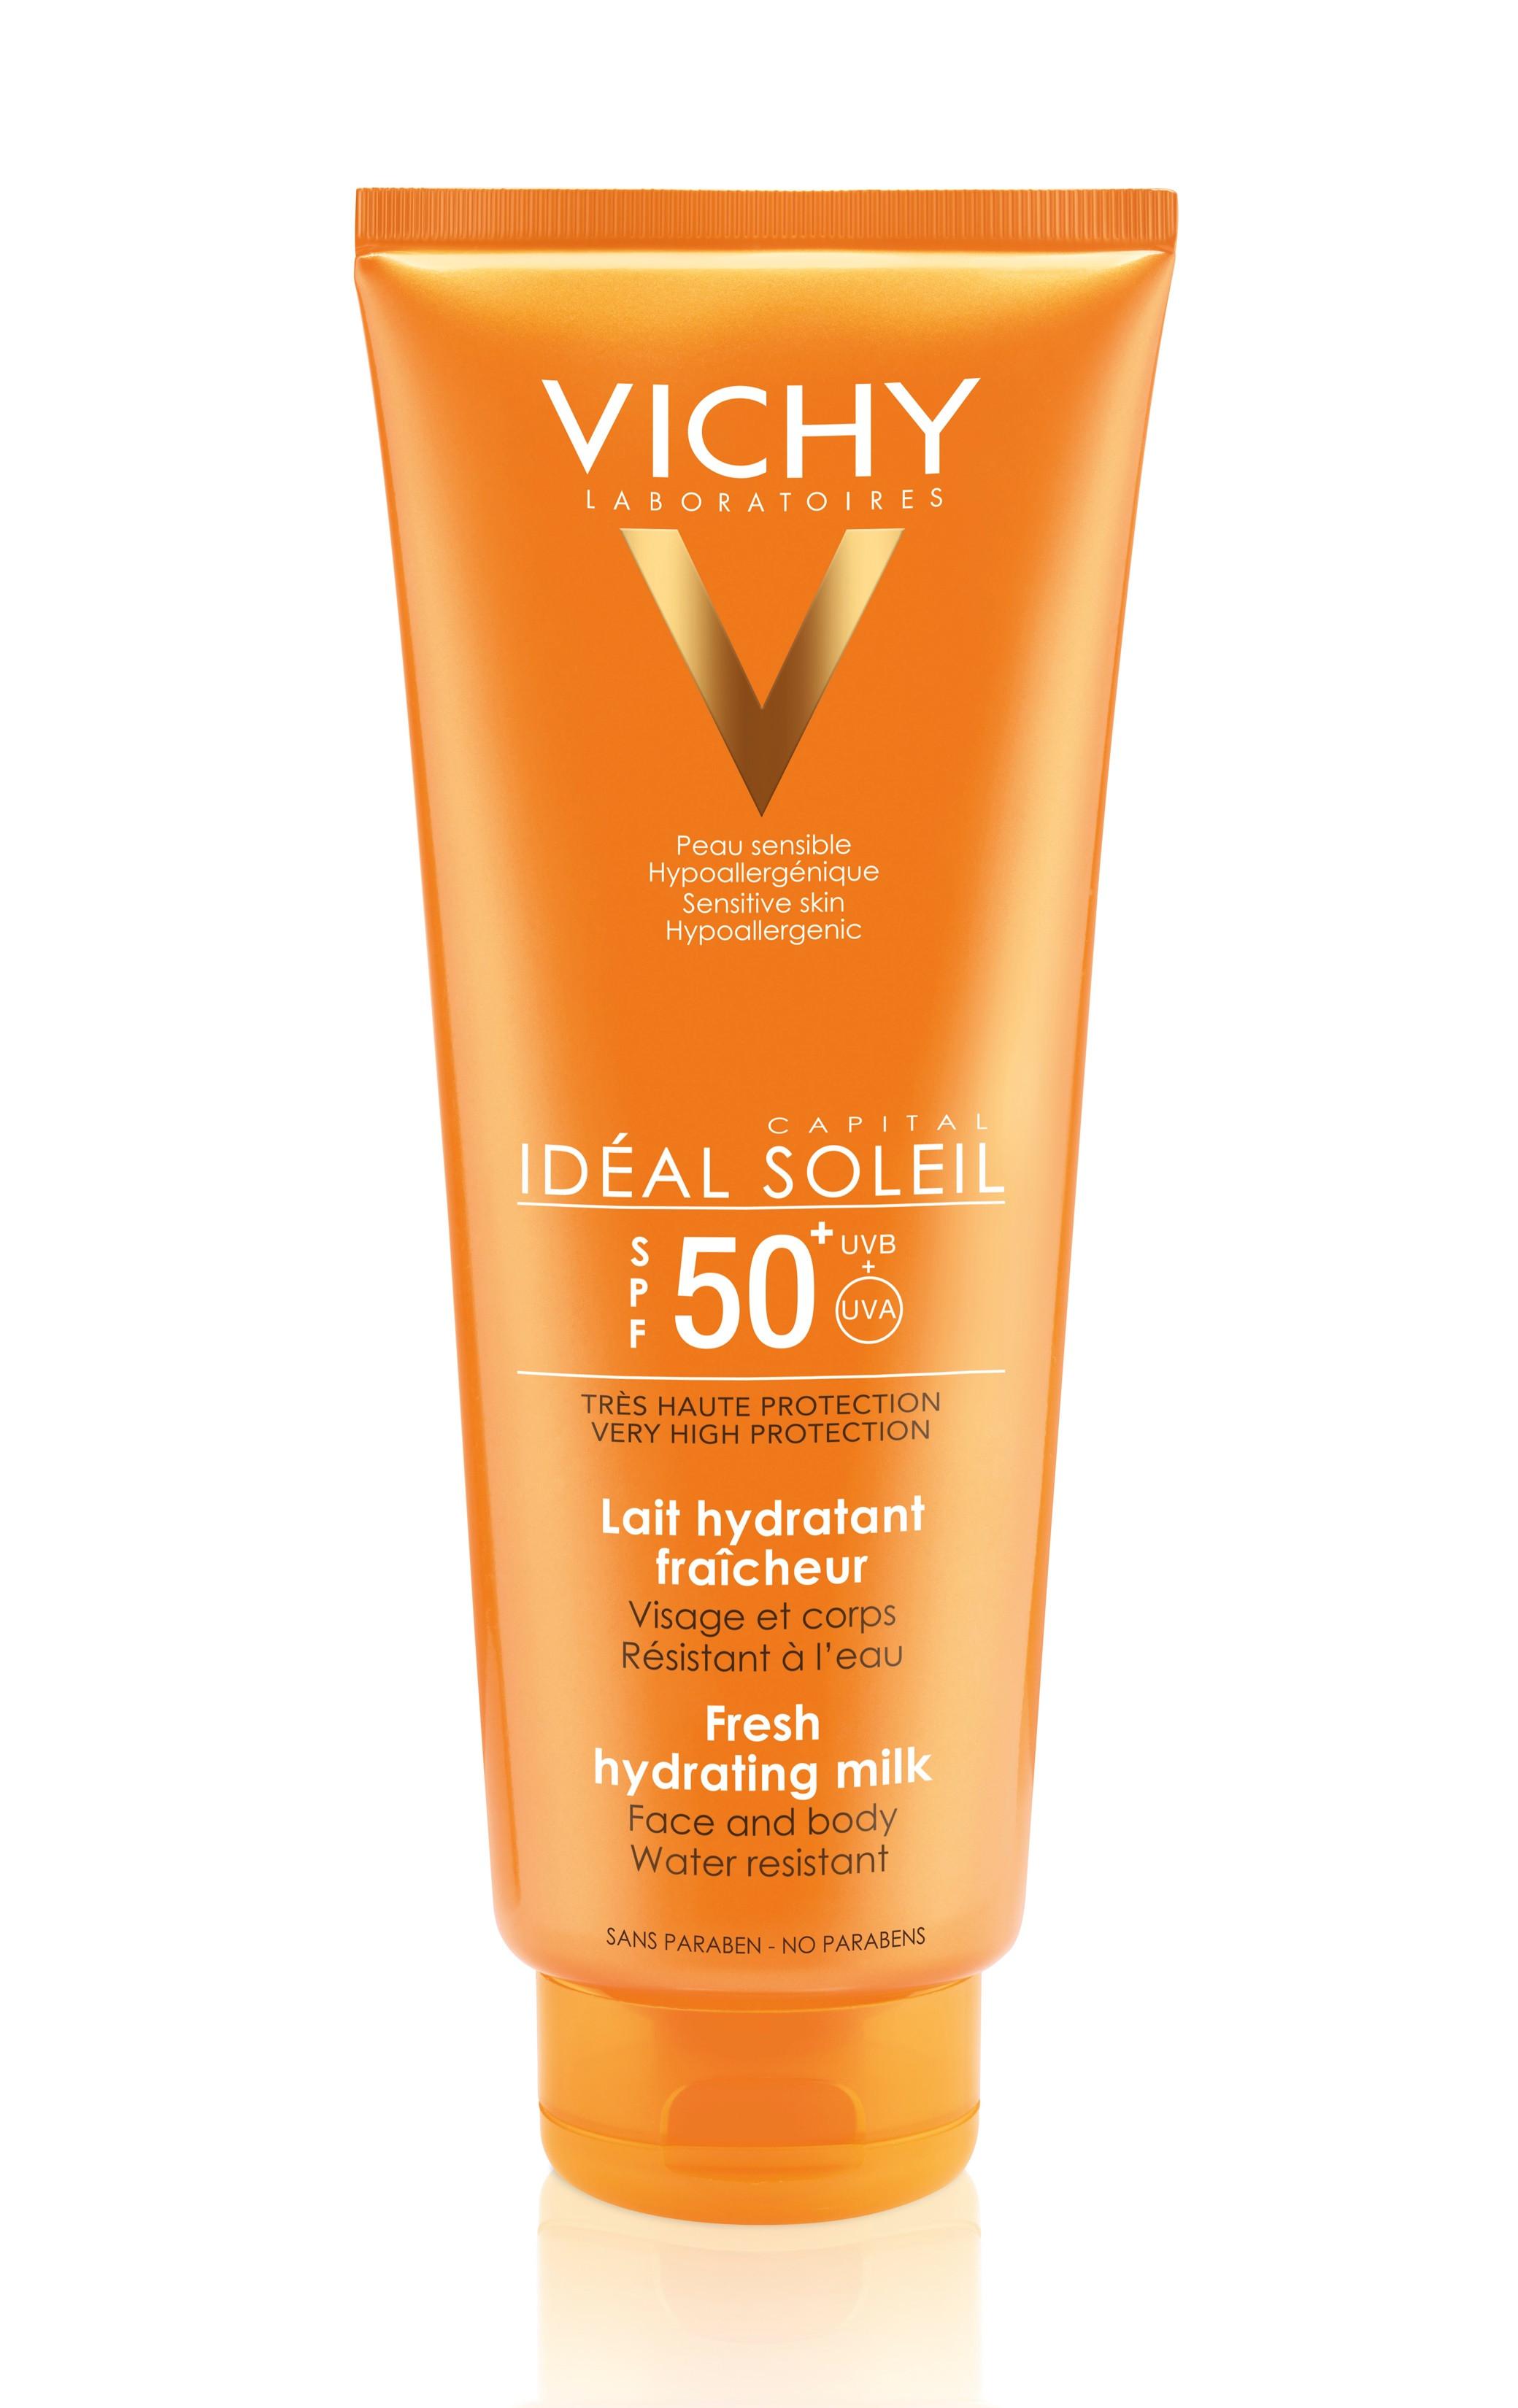 קפיטל סוליי תחליב הגנה מהשמש לגוף ולפנים במארז חסכון VICHY Ideal Capital Soleil SPF50